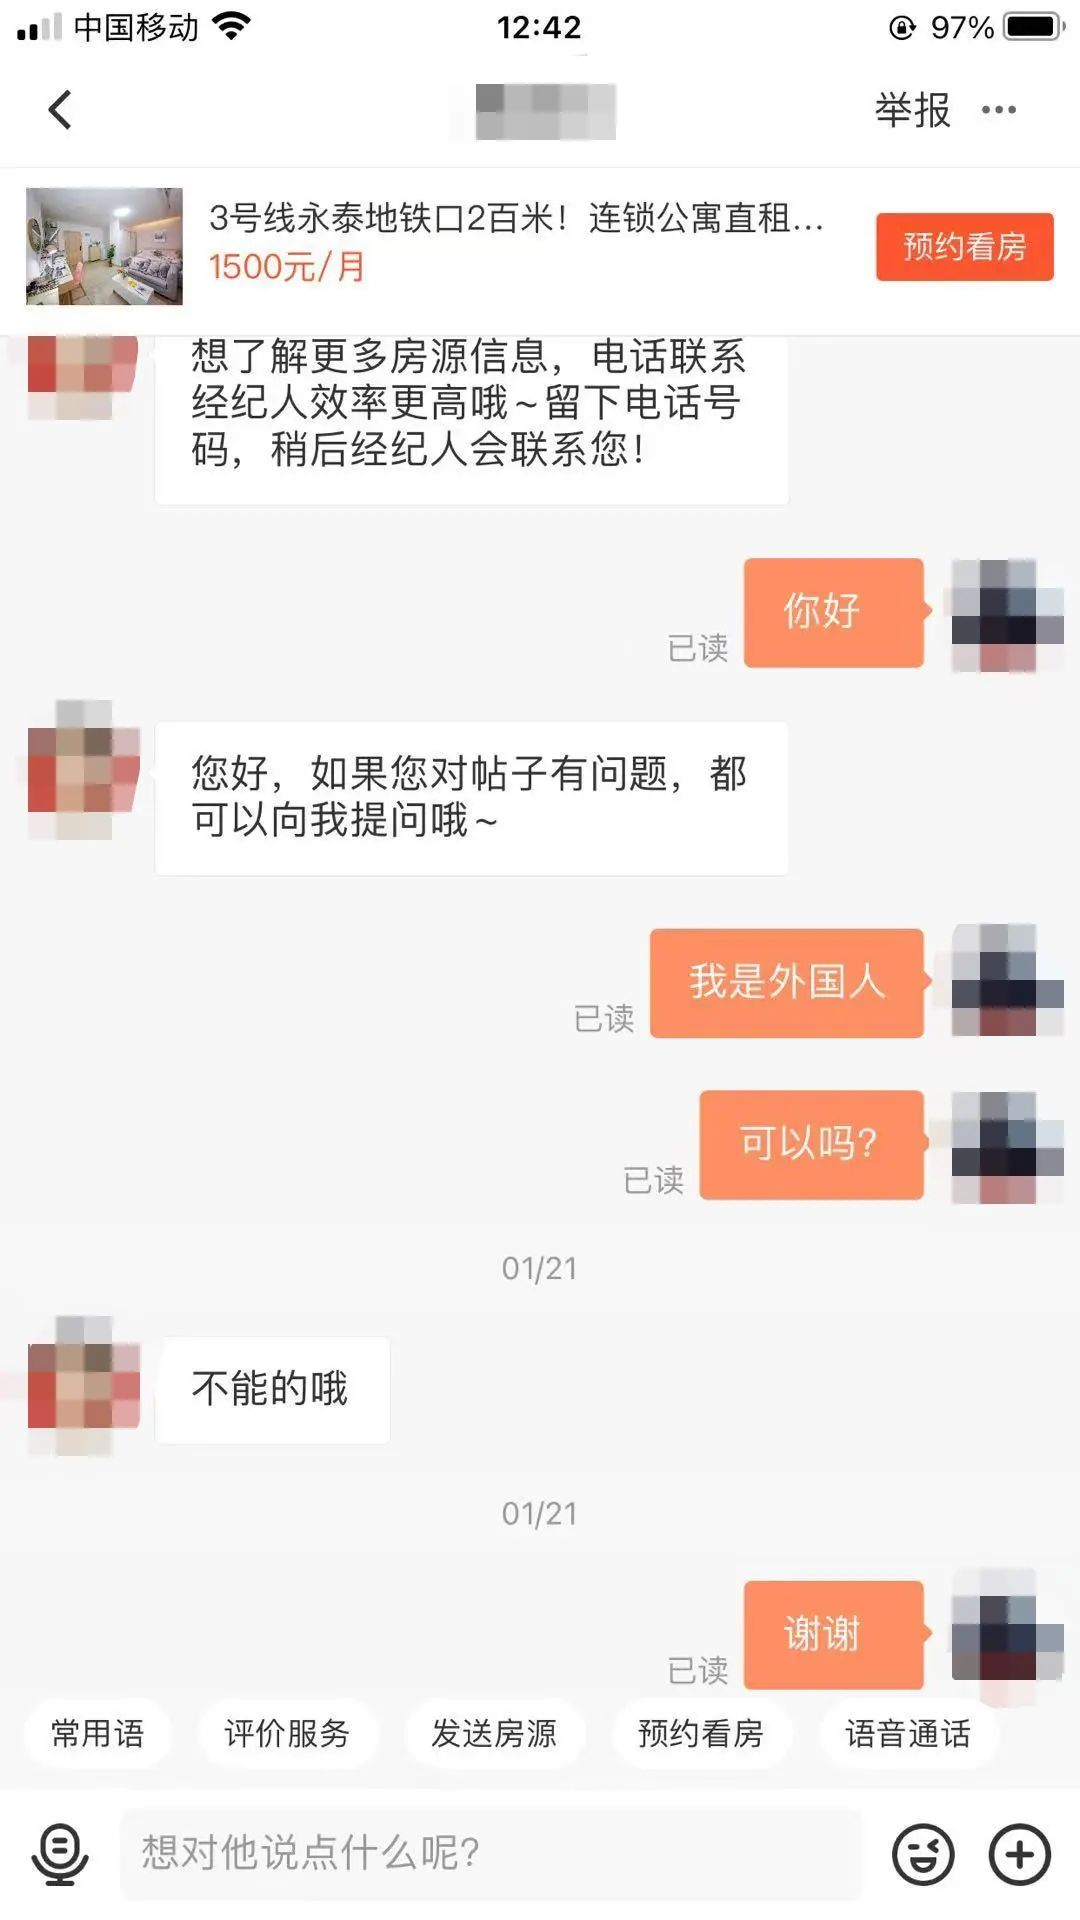 58.com NO FOREIGNERS! 不租给外国人!